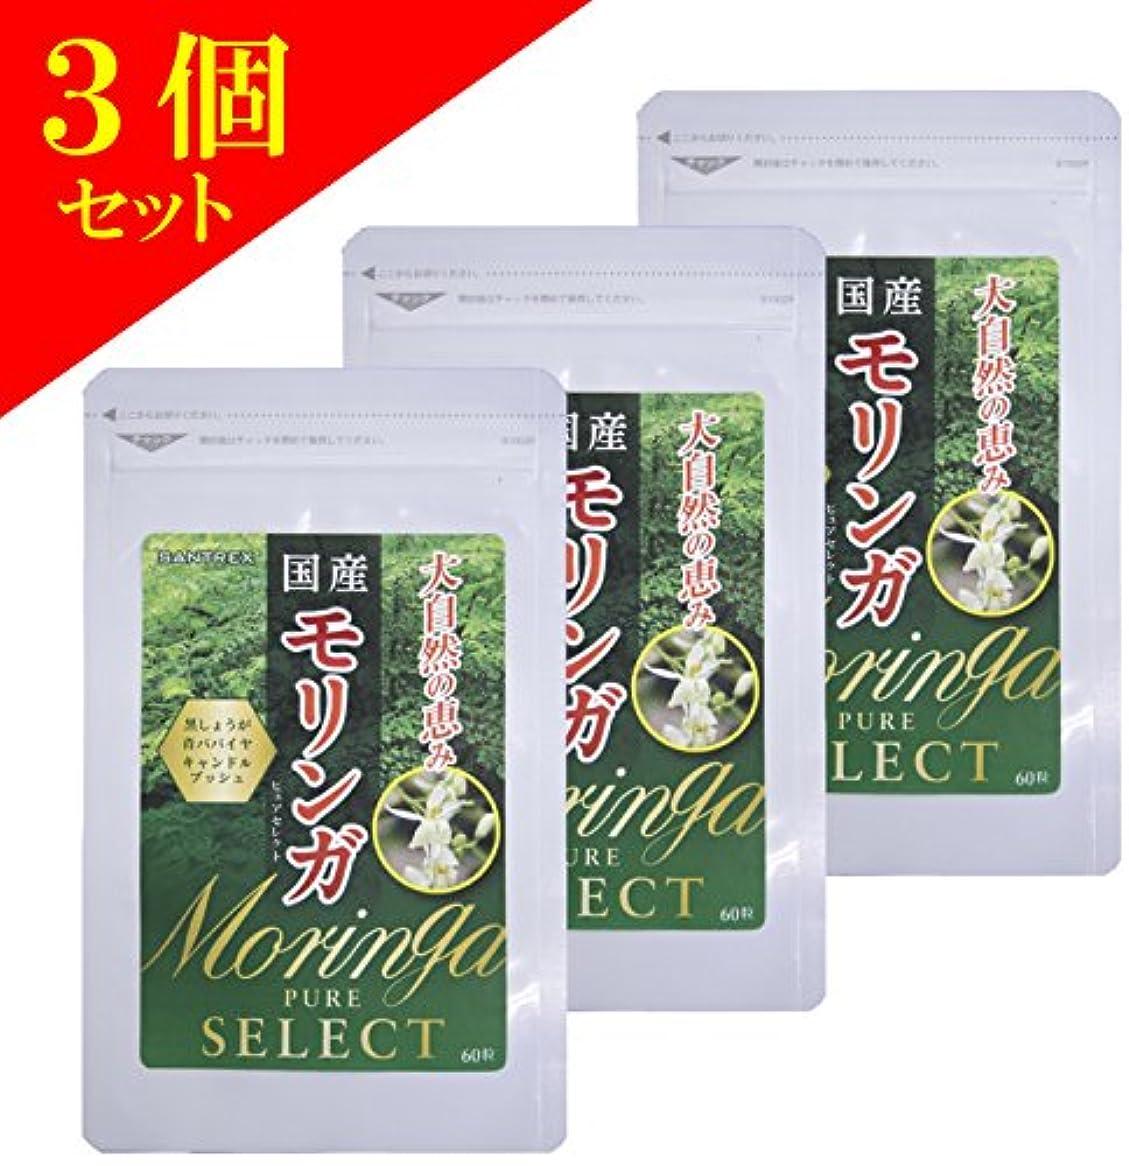 品揃えオーブンボーカル(3個) 国産モリンガ PURE SELECT 60粒×3個セット(4514792771001)